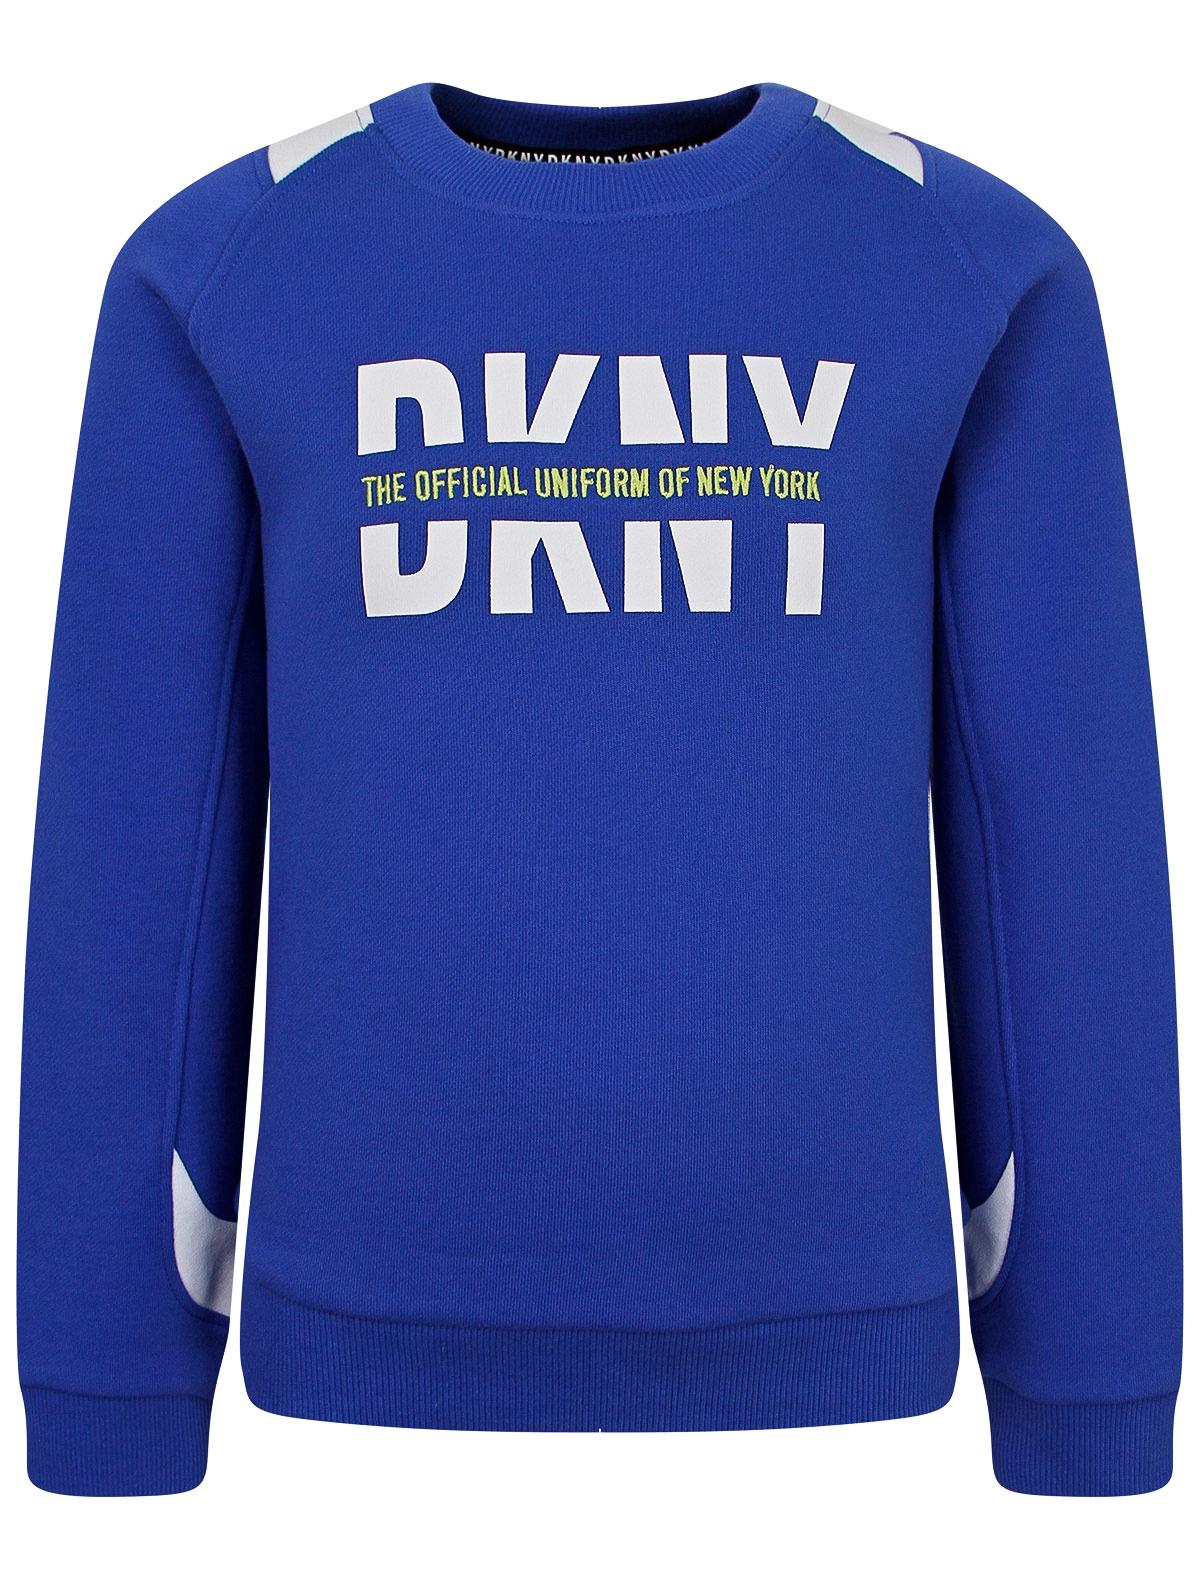 2310118, Свитшот DKNY, синий, 0084529171601  - купить со скидкой